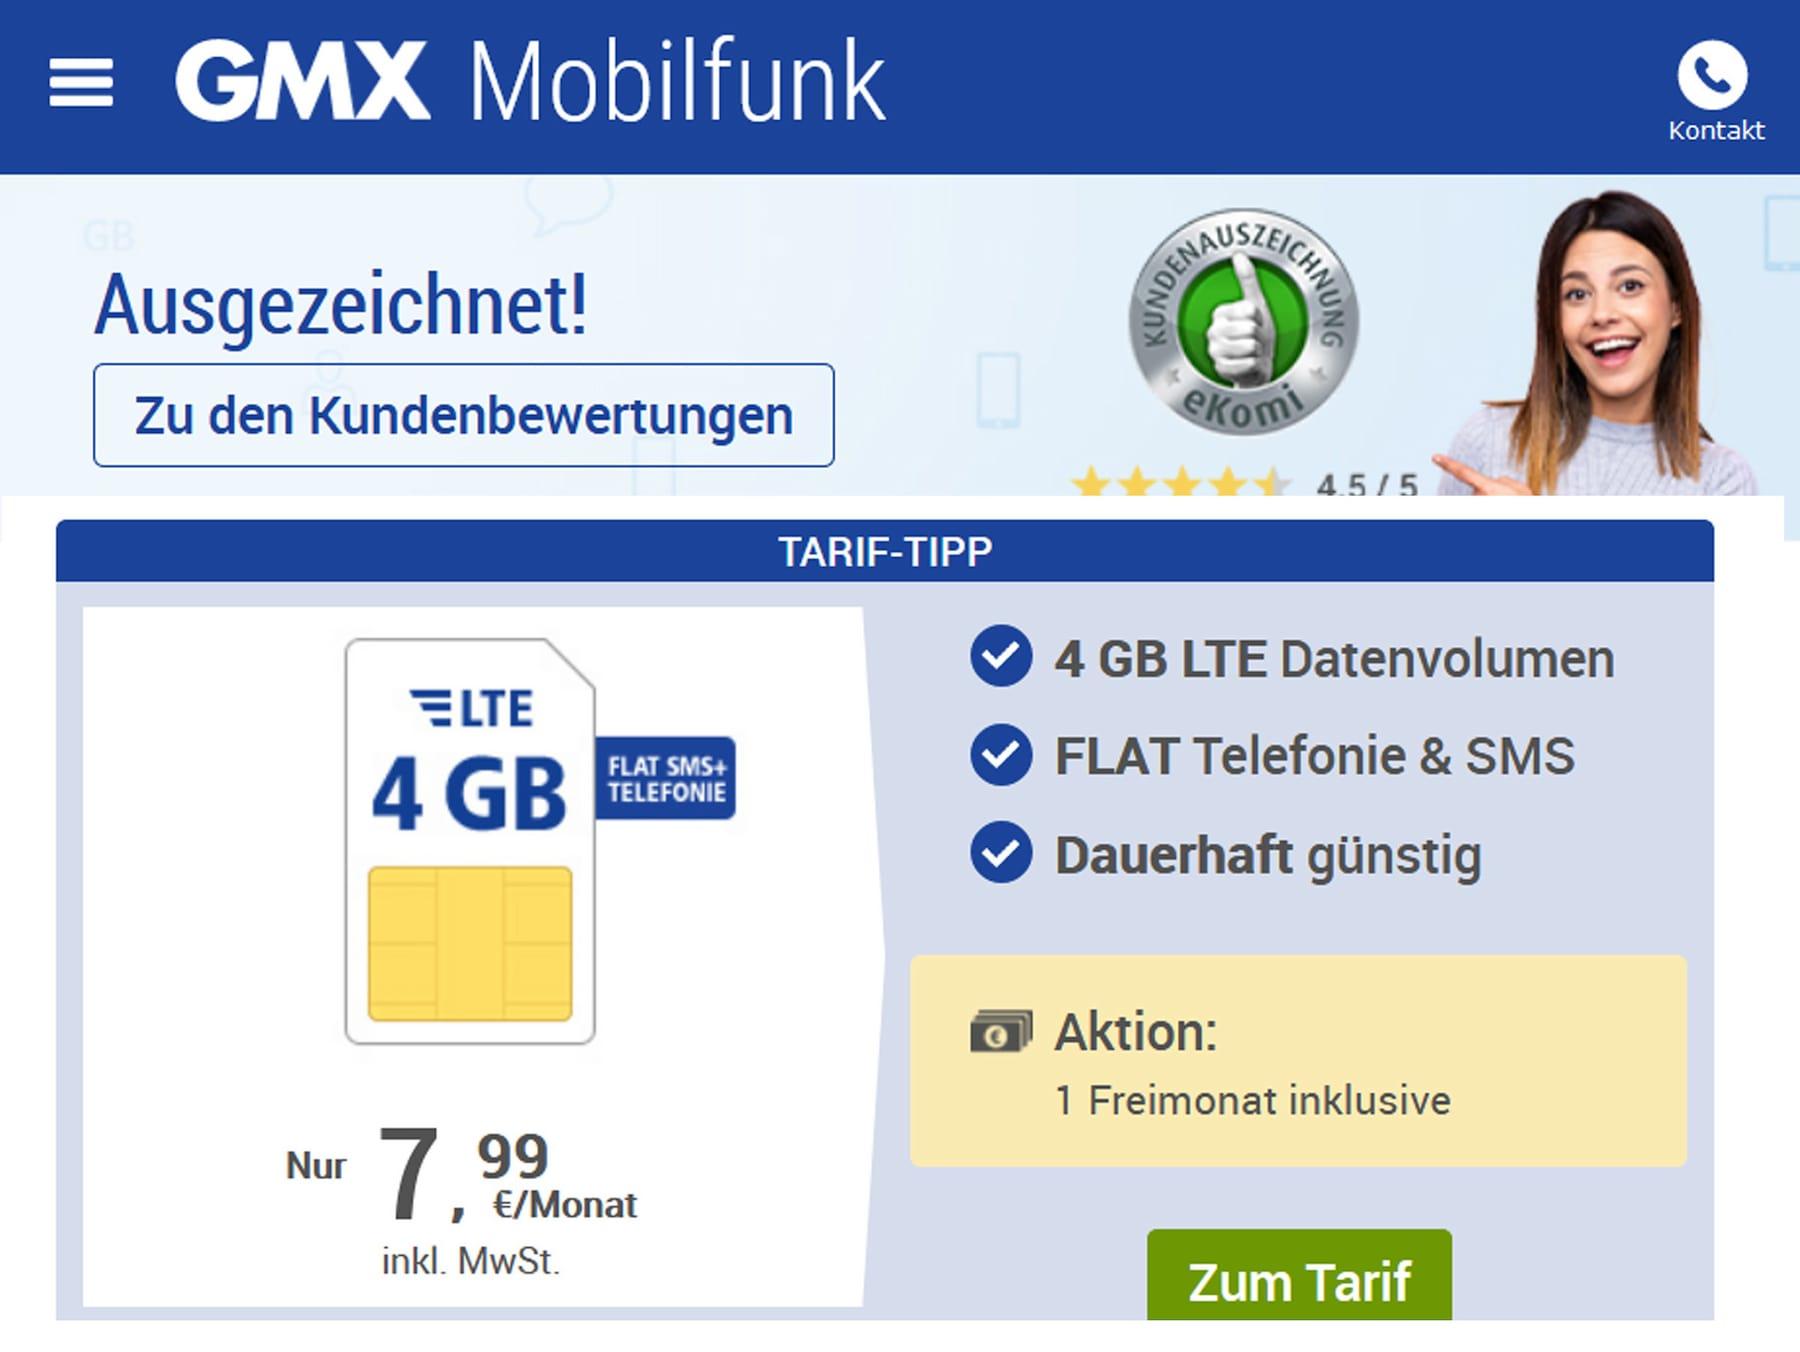 GMX & web.de: Gratis-Monat bei Allnet-Flatrates - teltarif